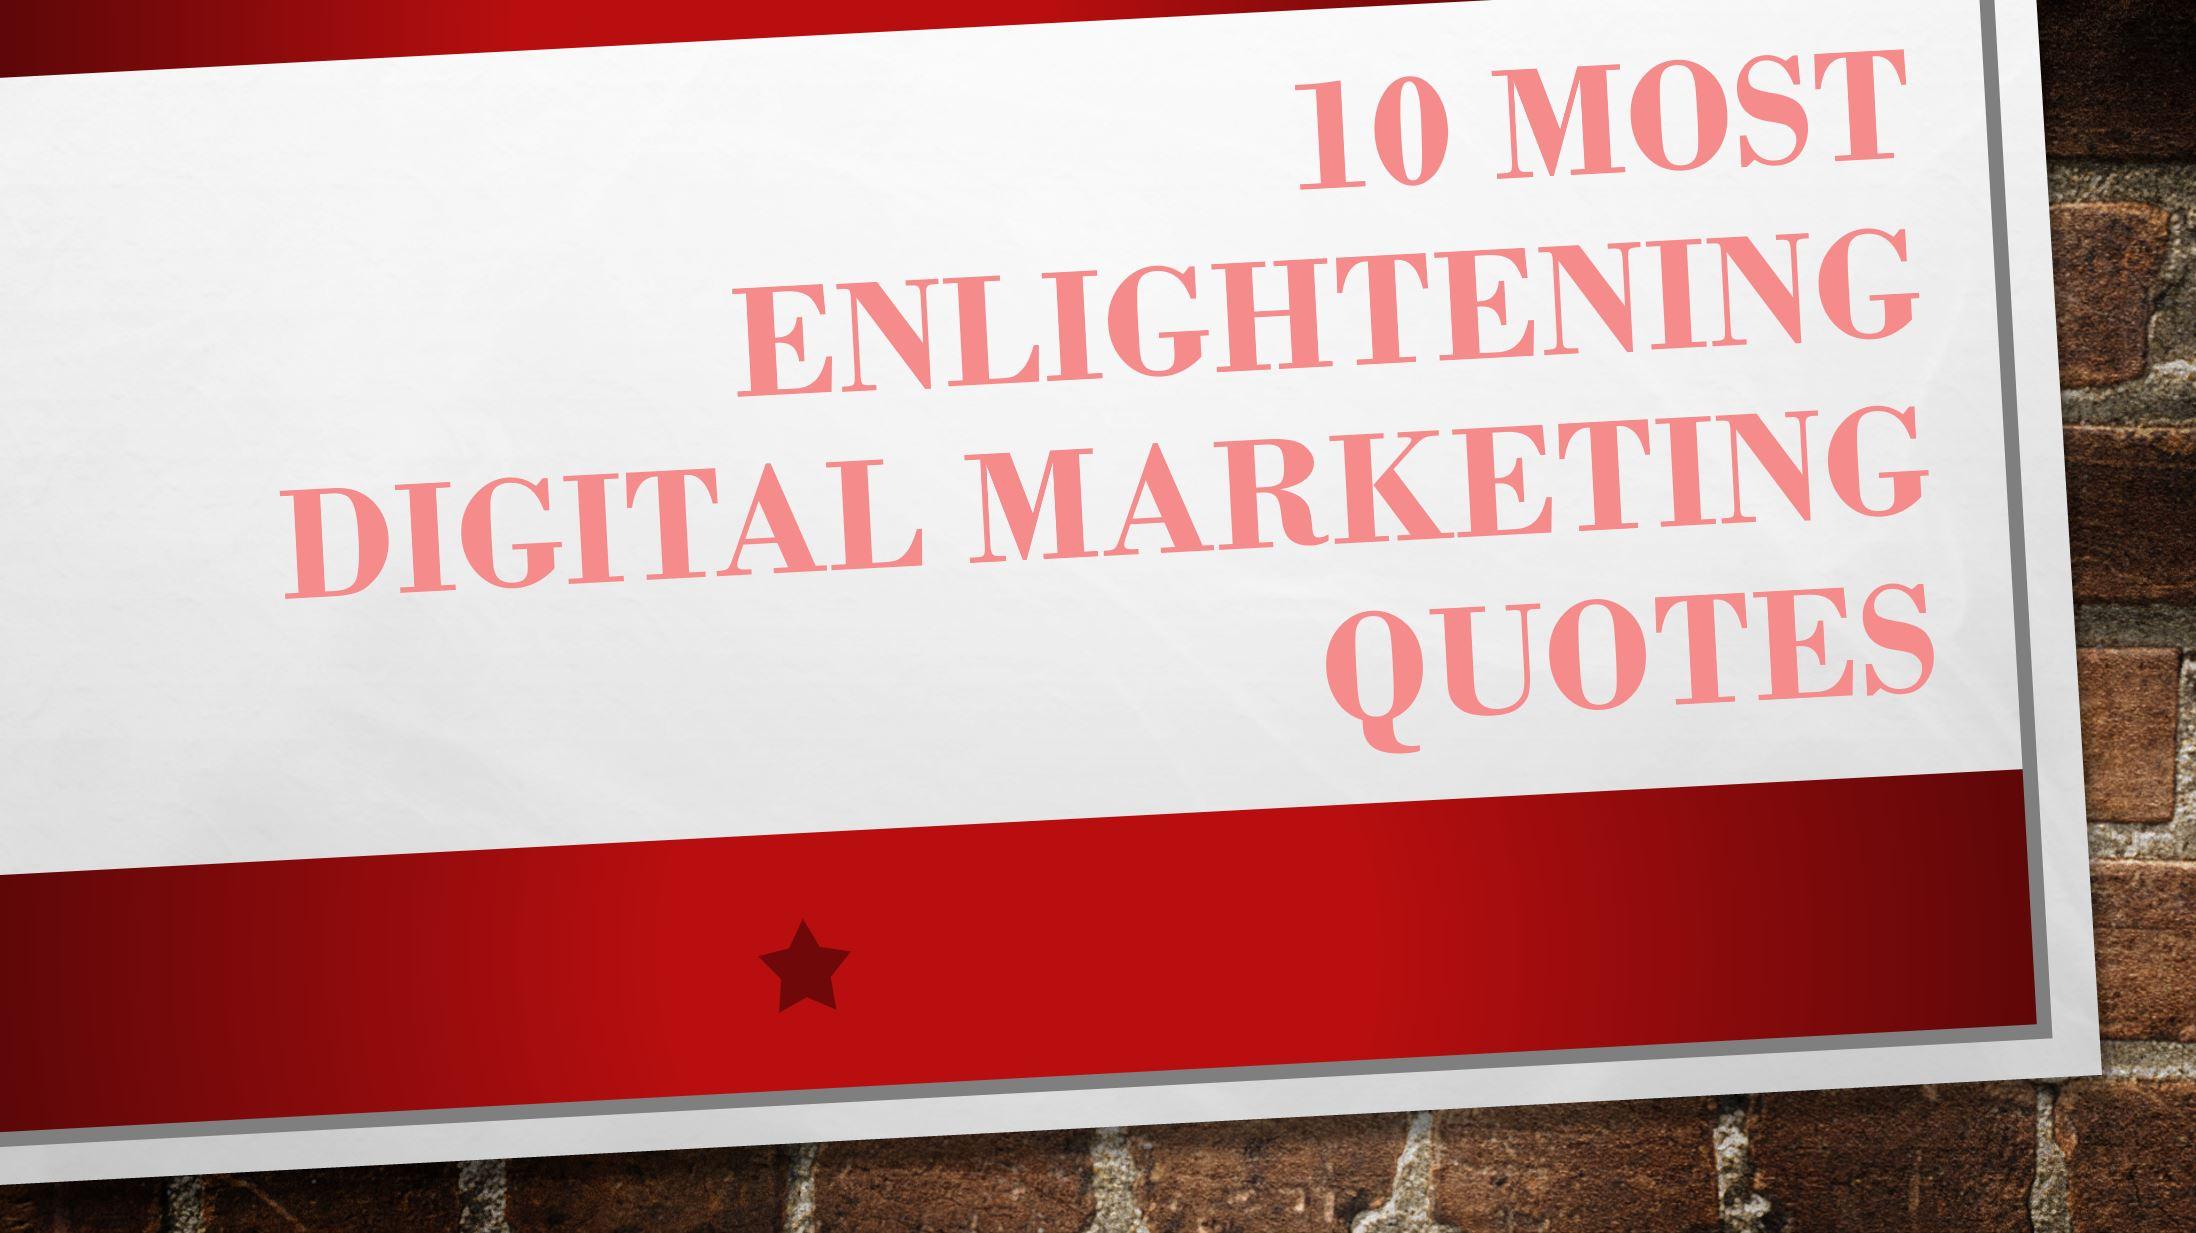 10 Most Enlightening Digital Marketing Quotes